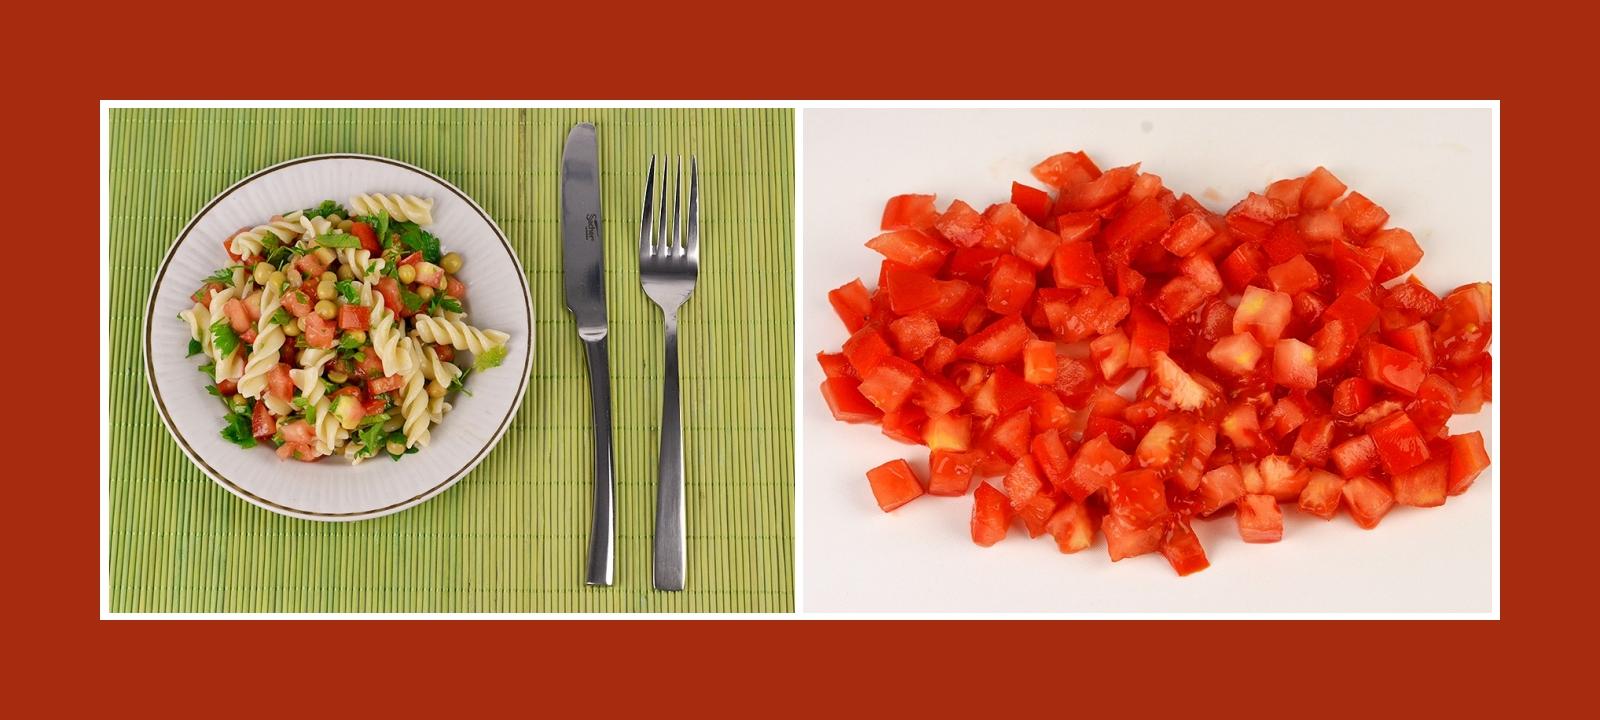 Frisch gehackte Tomaten für Nudelsalat